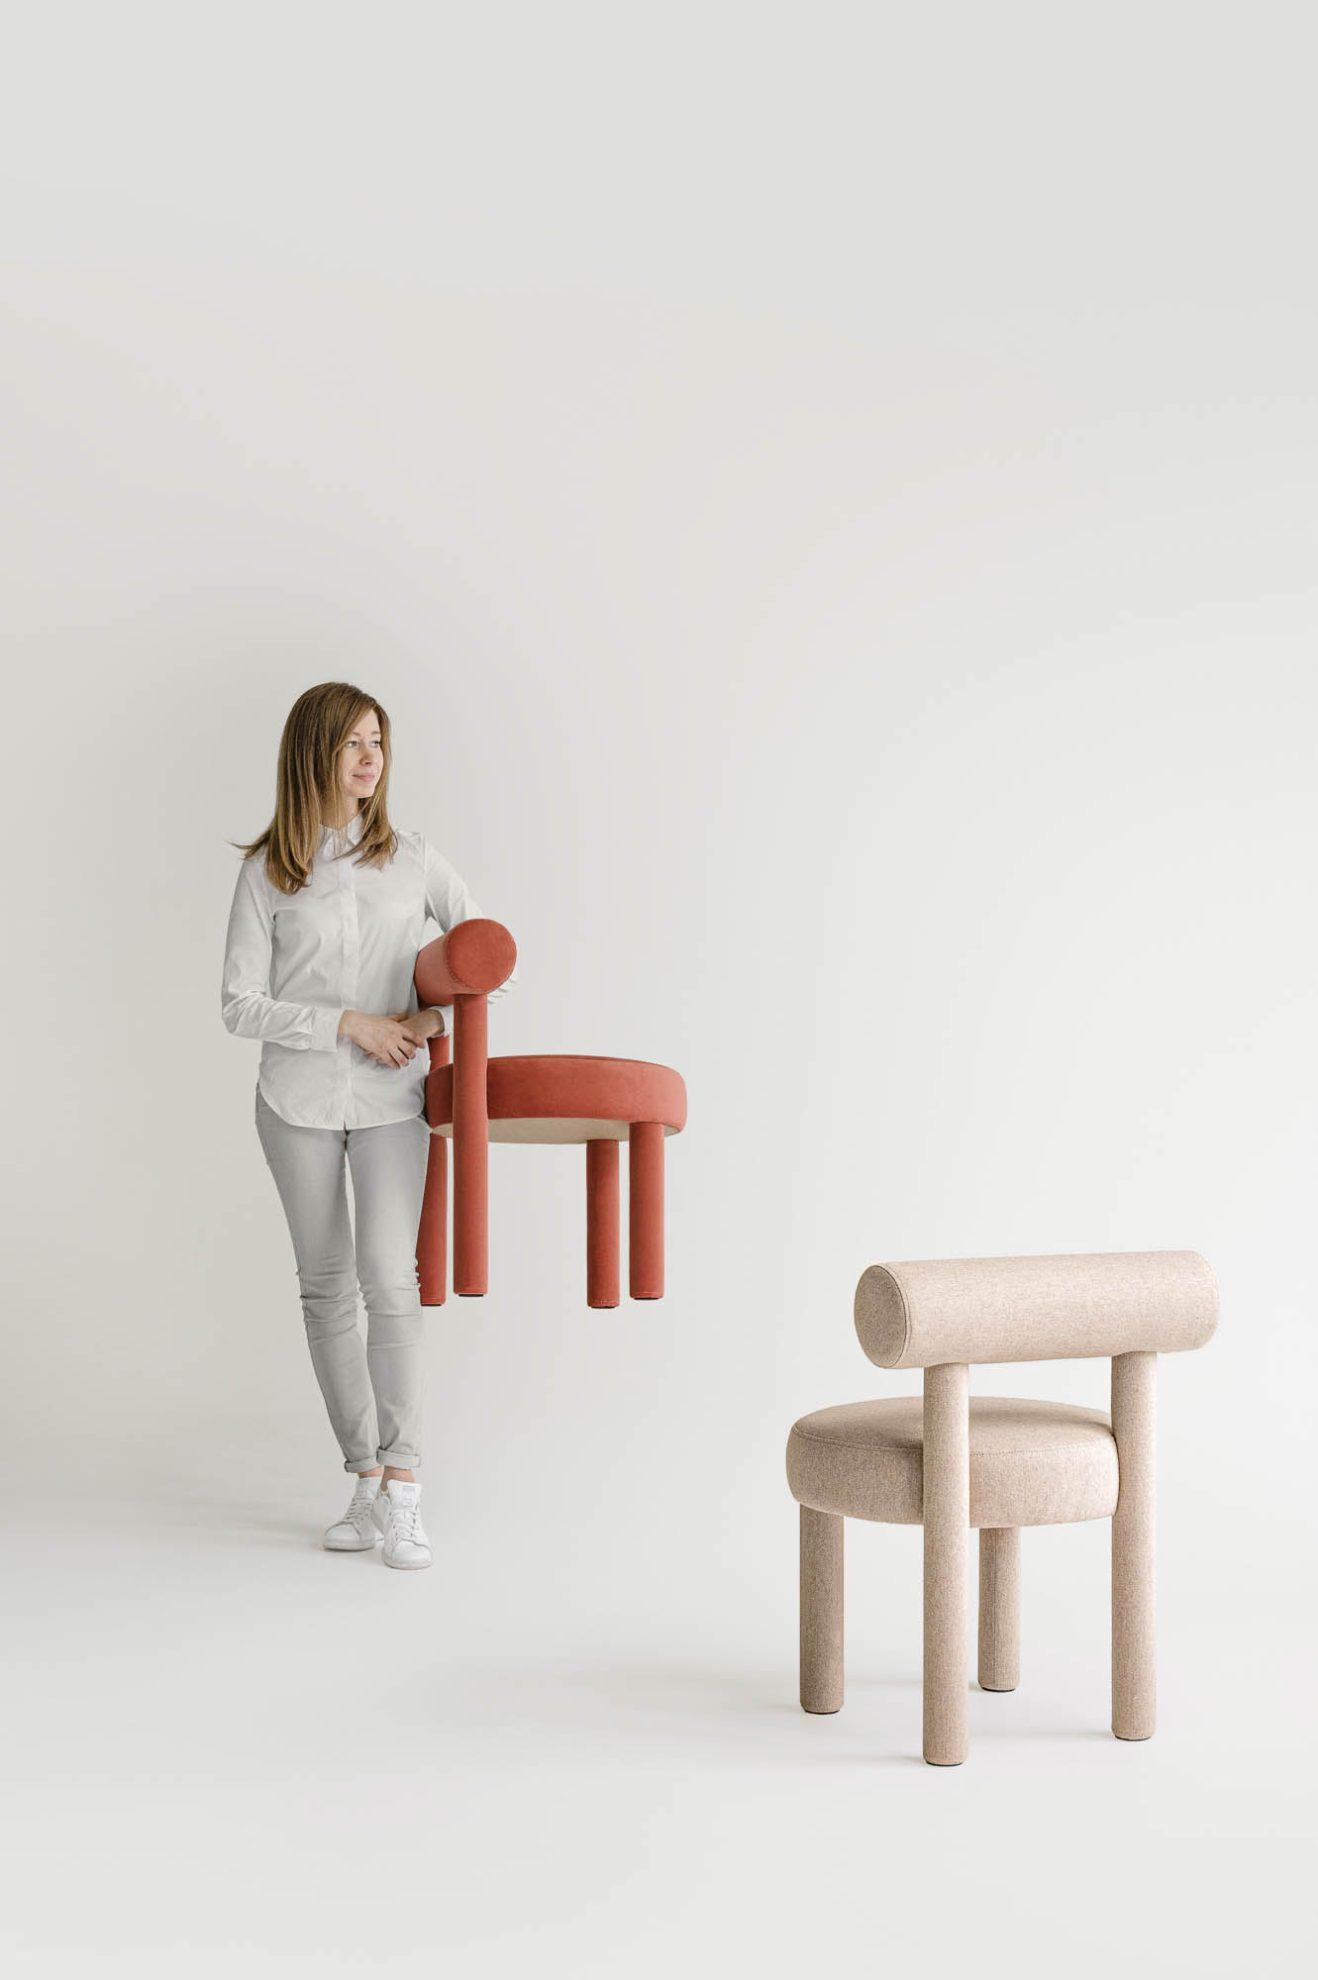 Chair Gropius CS1 by Noom 3